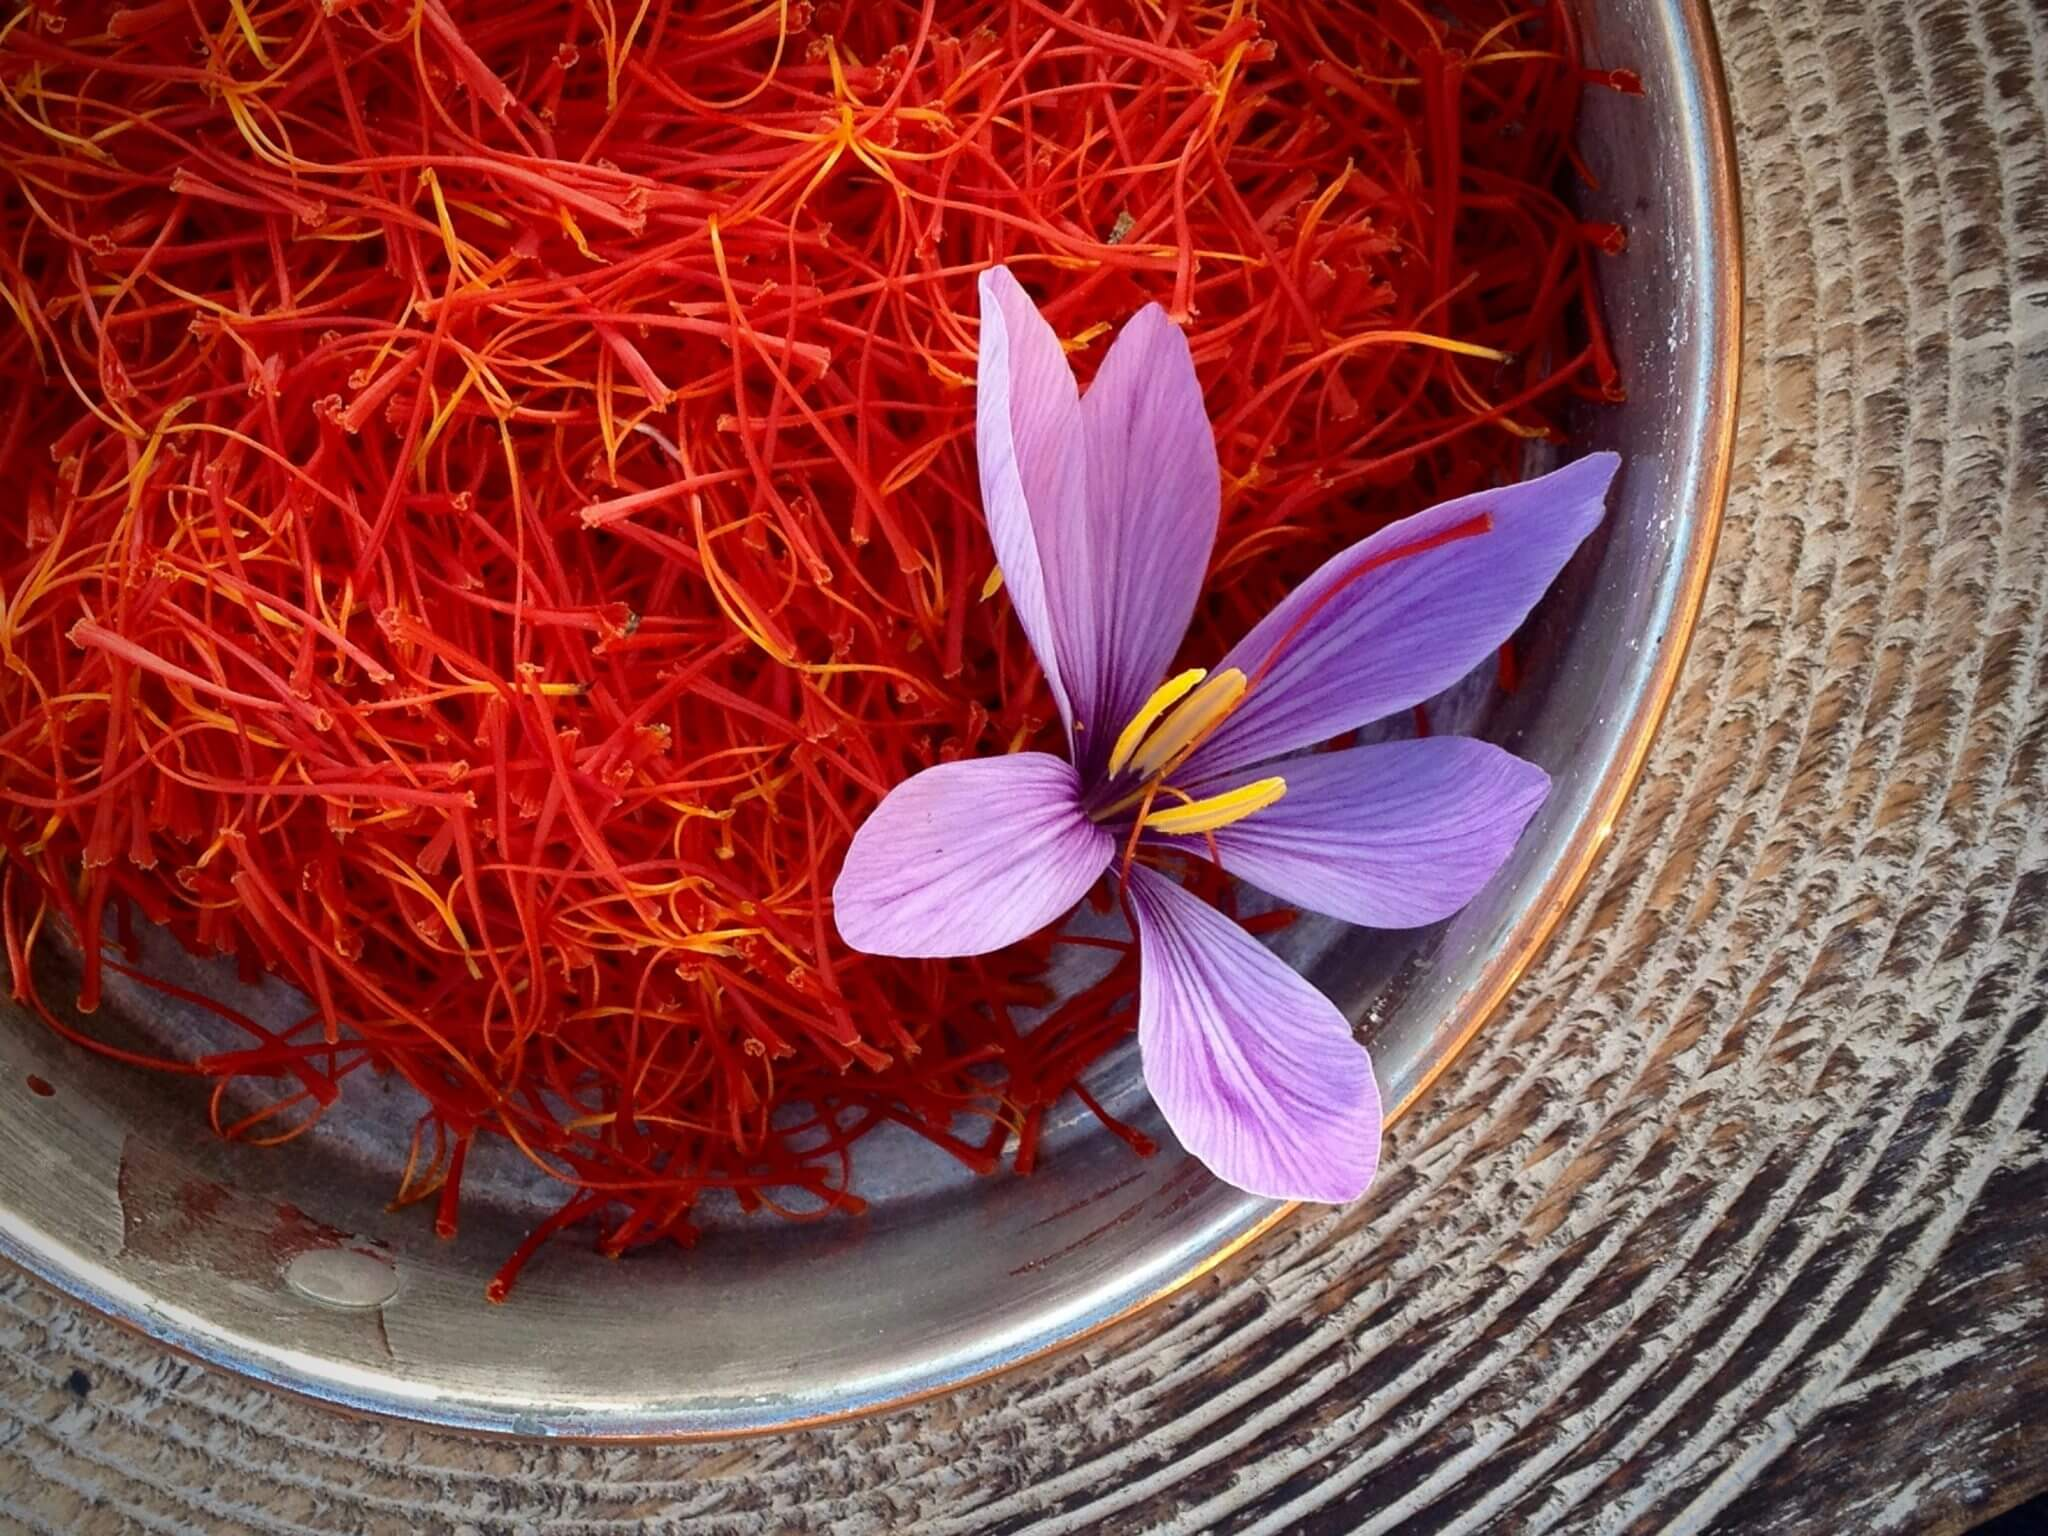 Nhụy hoa nghệ tây Saffron và những điều bạn nên biết trước khi mua - Legre.vn